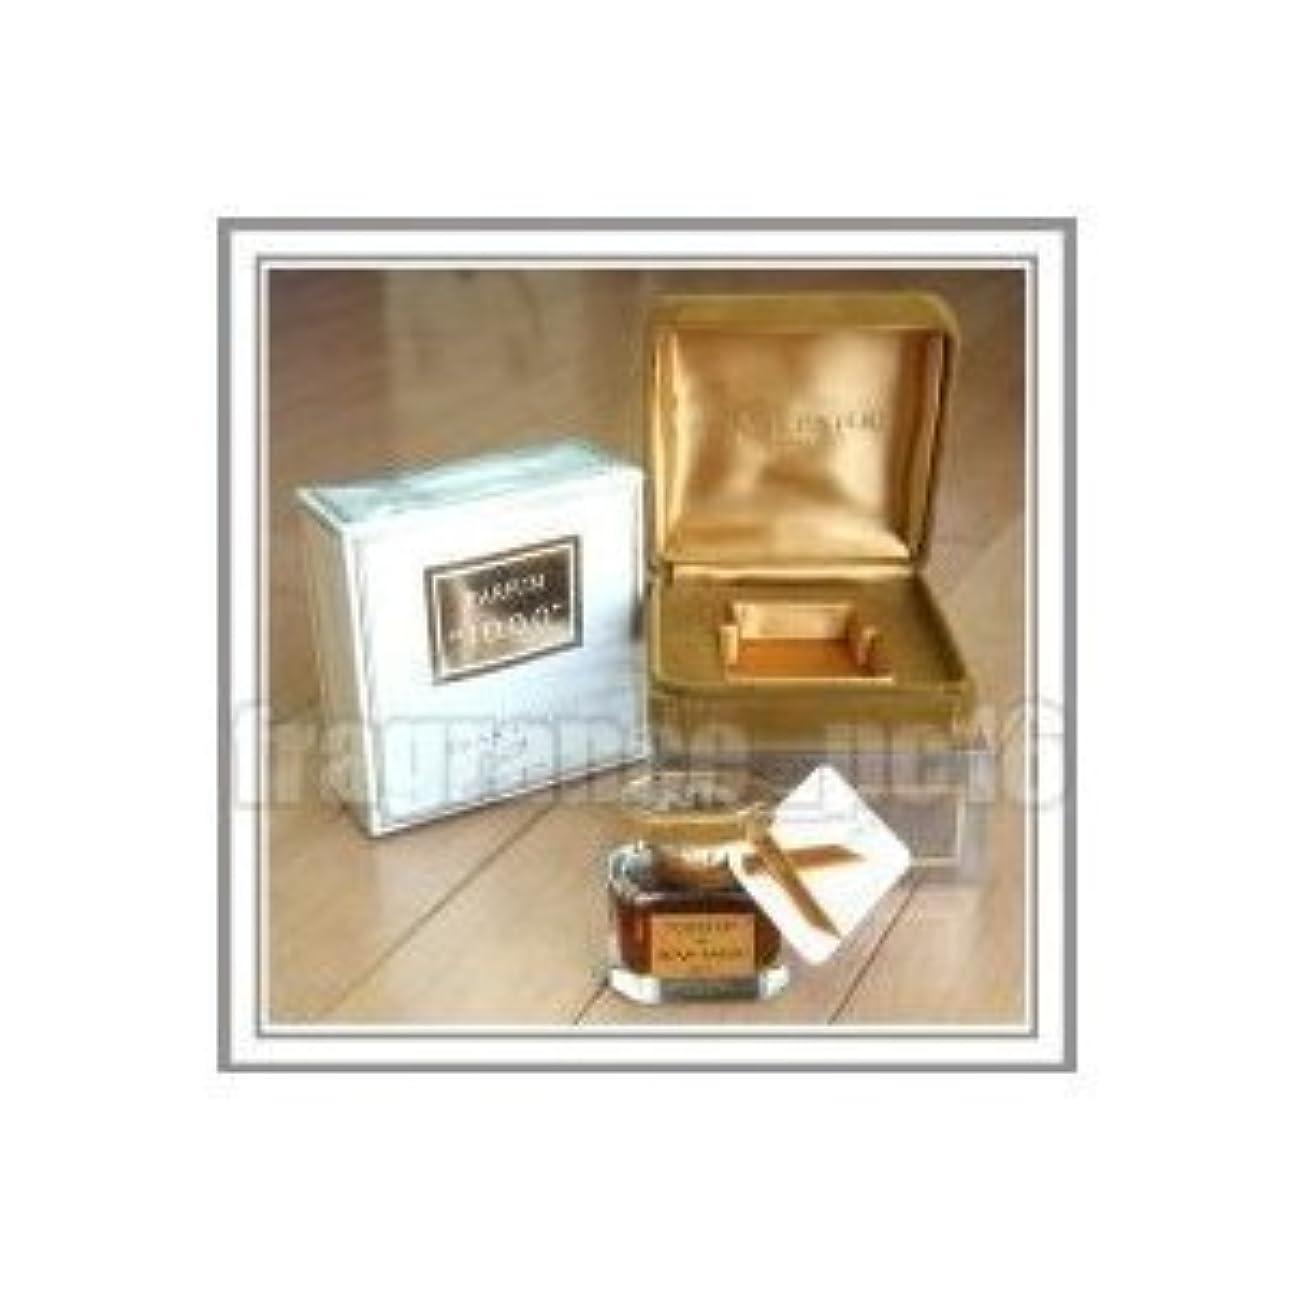 理容室アンテナ時期尚早JEAN PATOU ジャンパトゥ ミル 1000 Parfum 15ml (並行輸入)